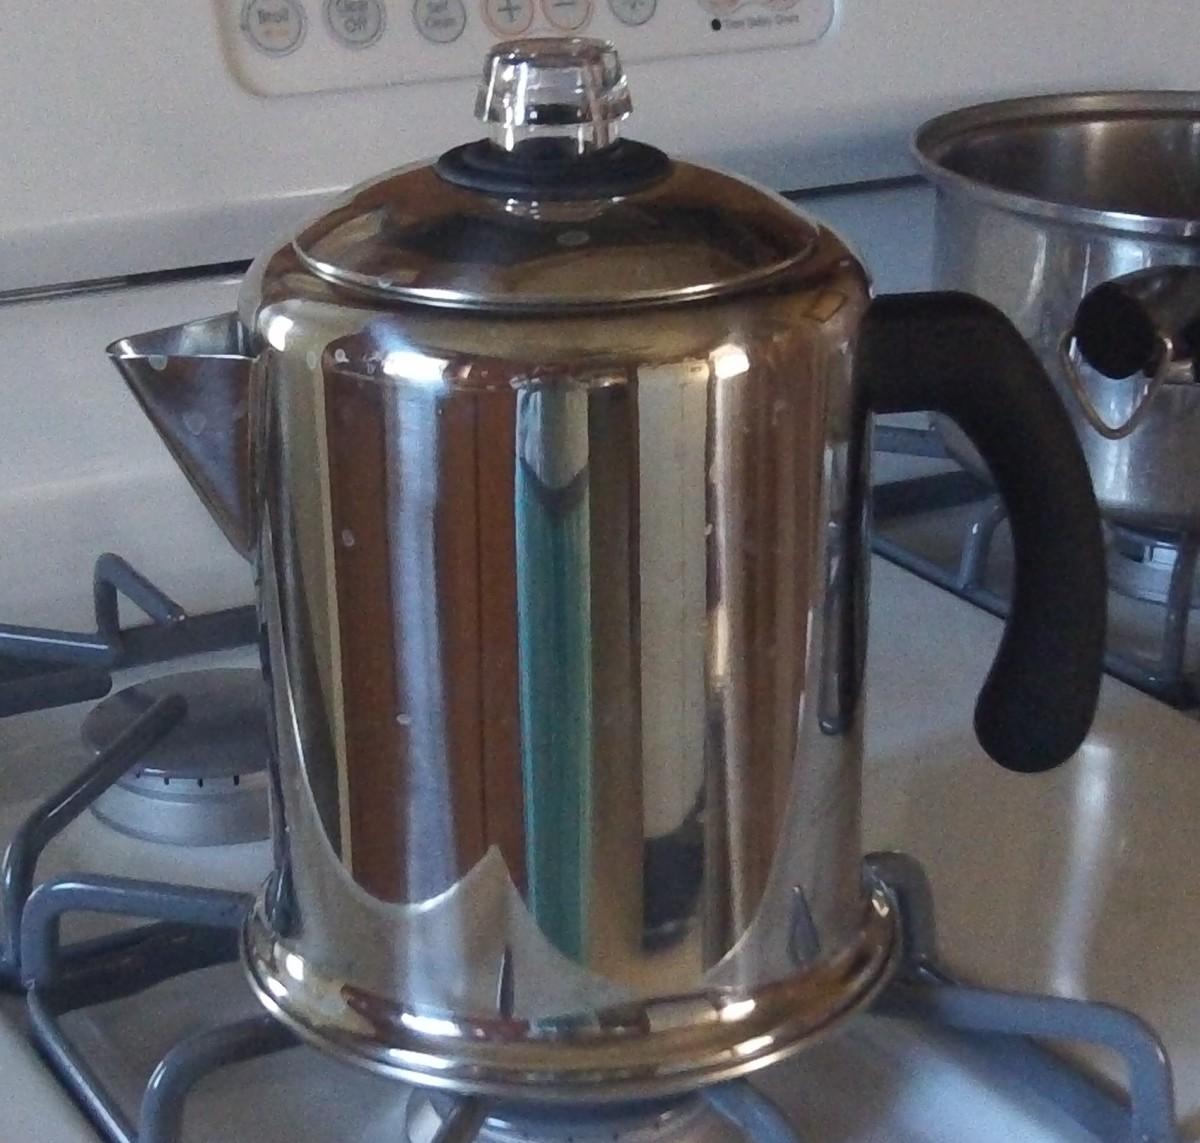 Old Fashioned Coffee Percolators For Stove 13